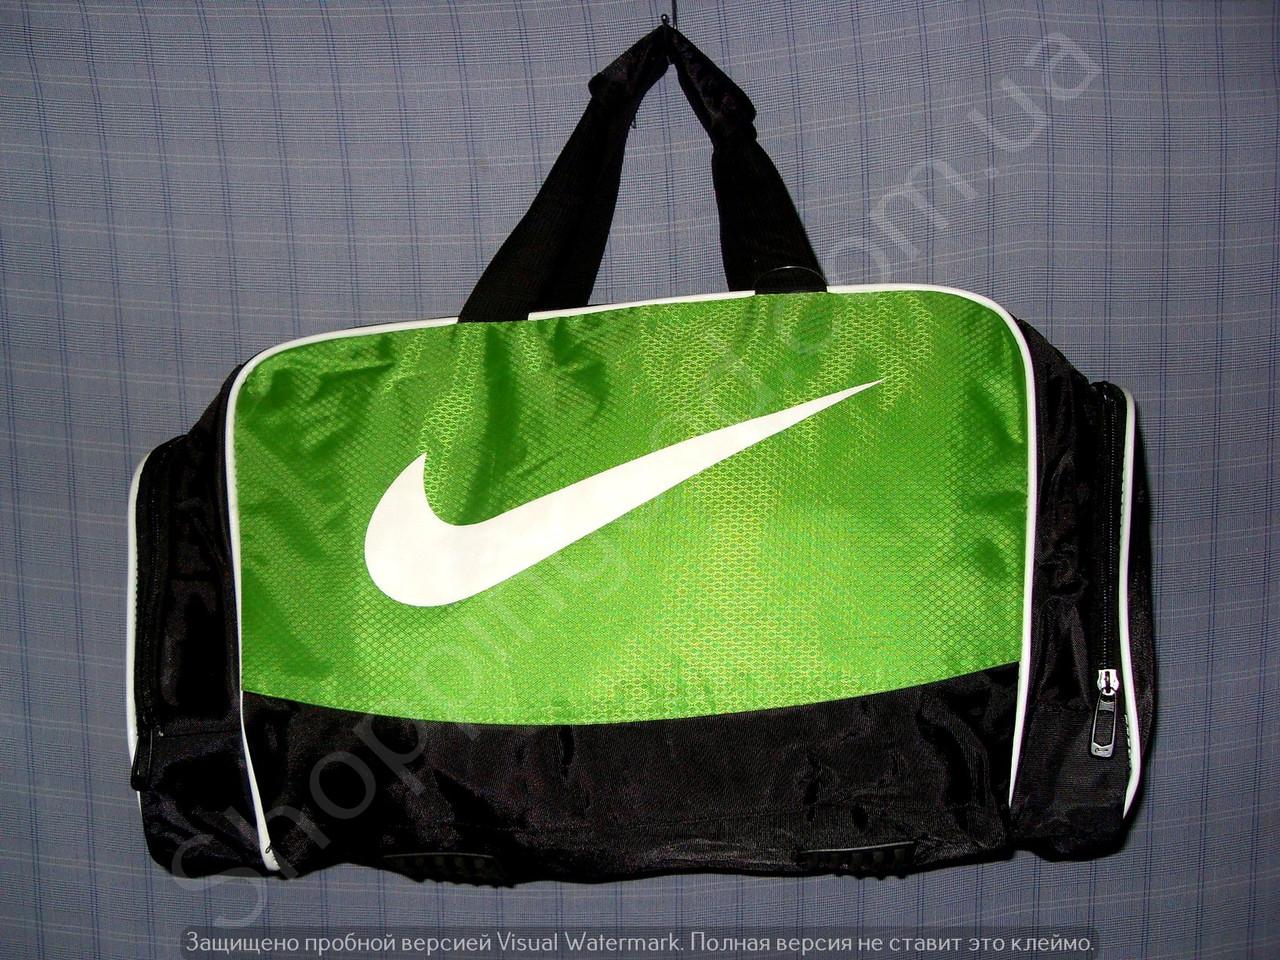 b2600fbdcfca Багажная сумка 114137 средняя (50х27х23, см) черная с зеленым спортивная  копия из полиэстера